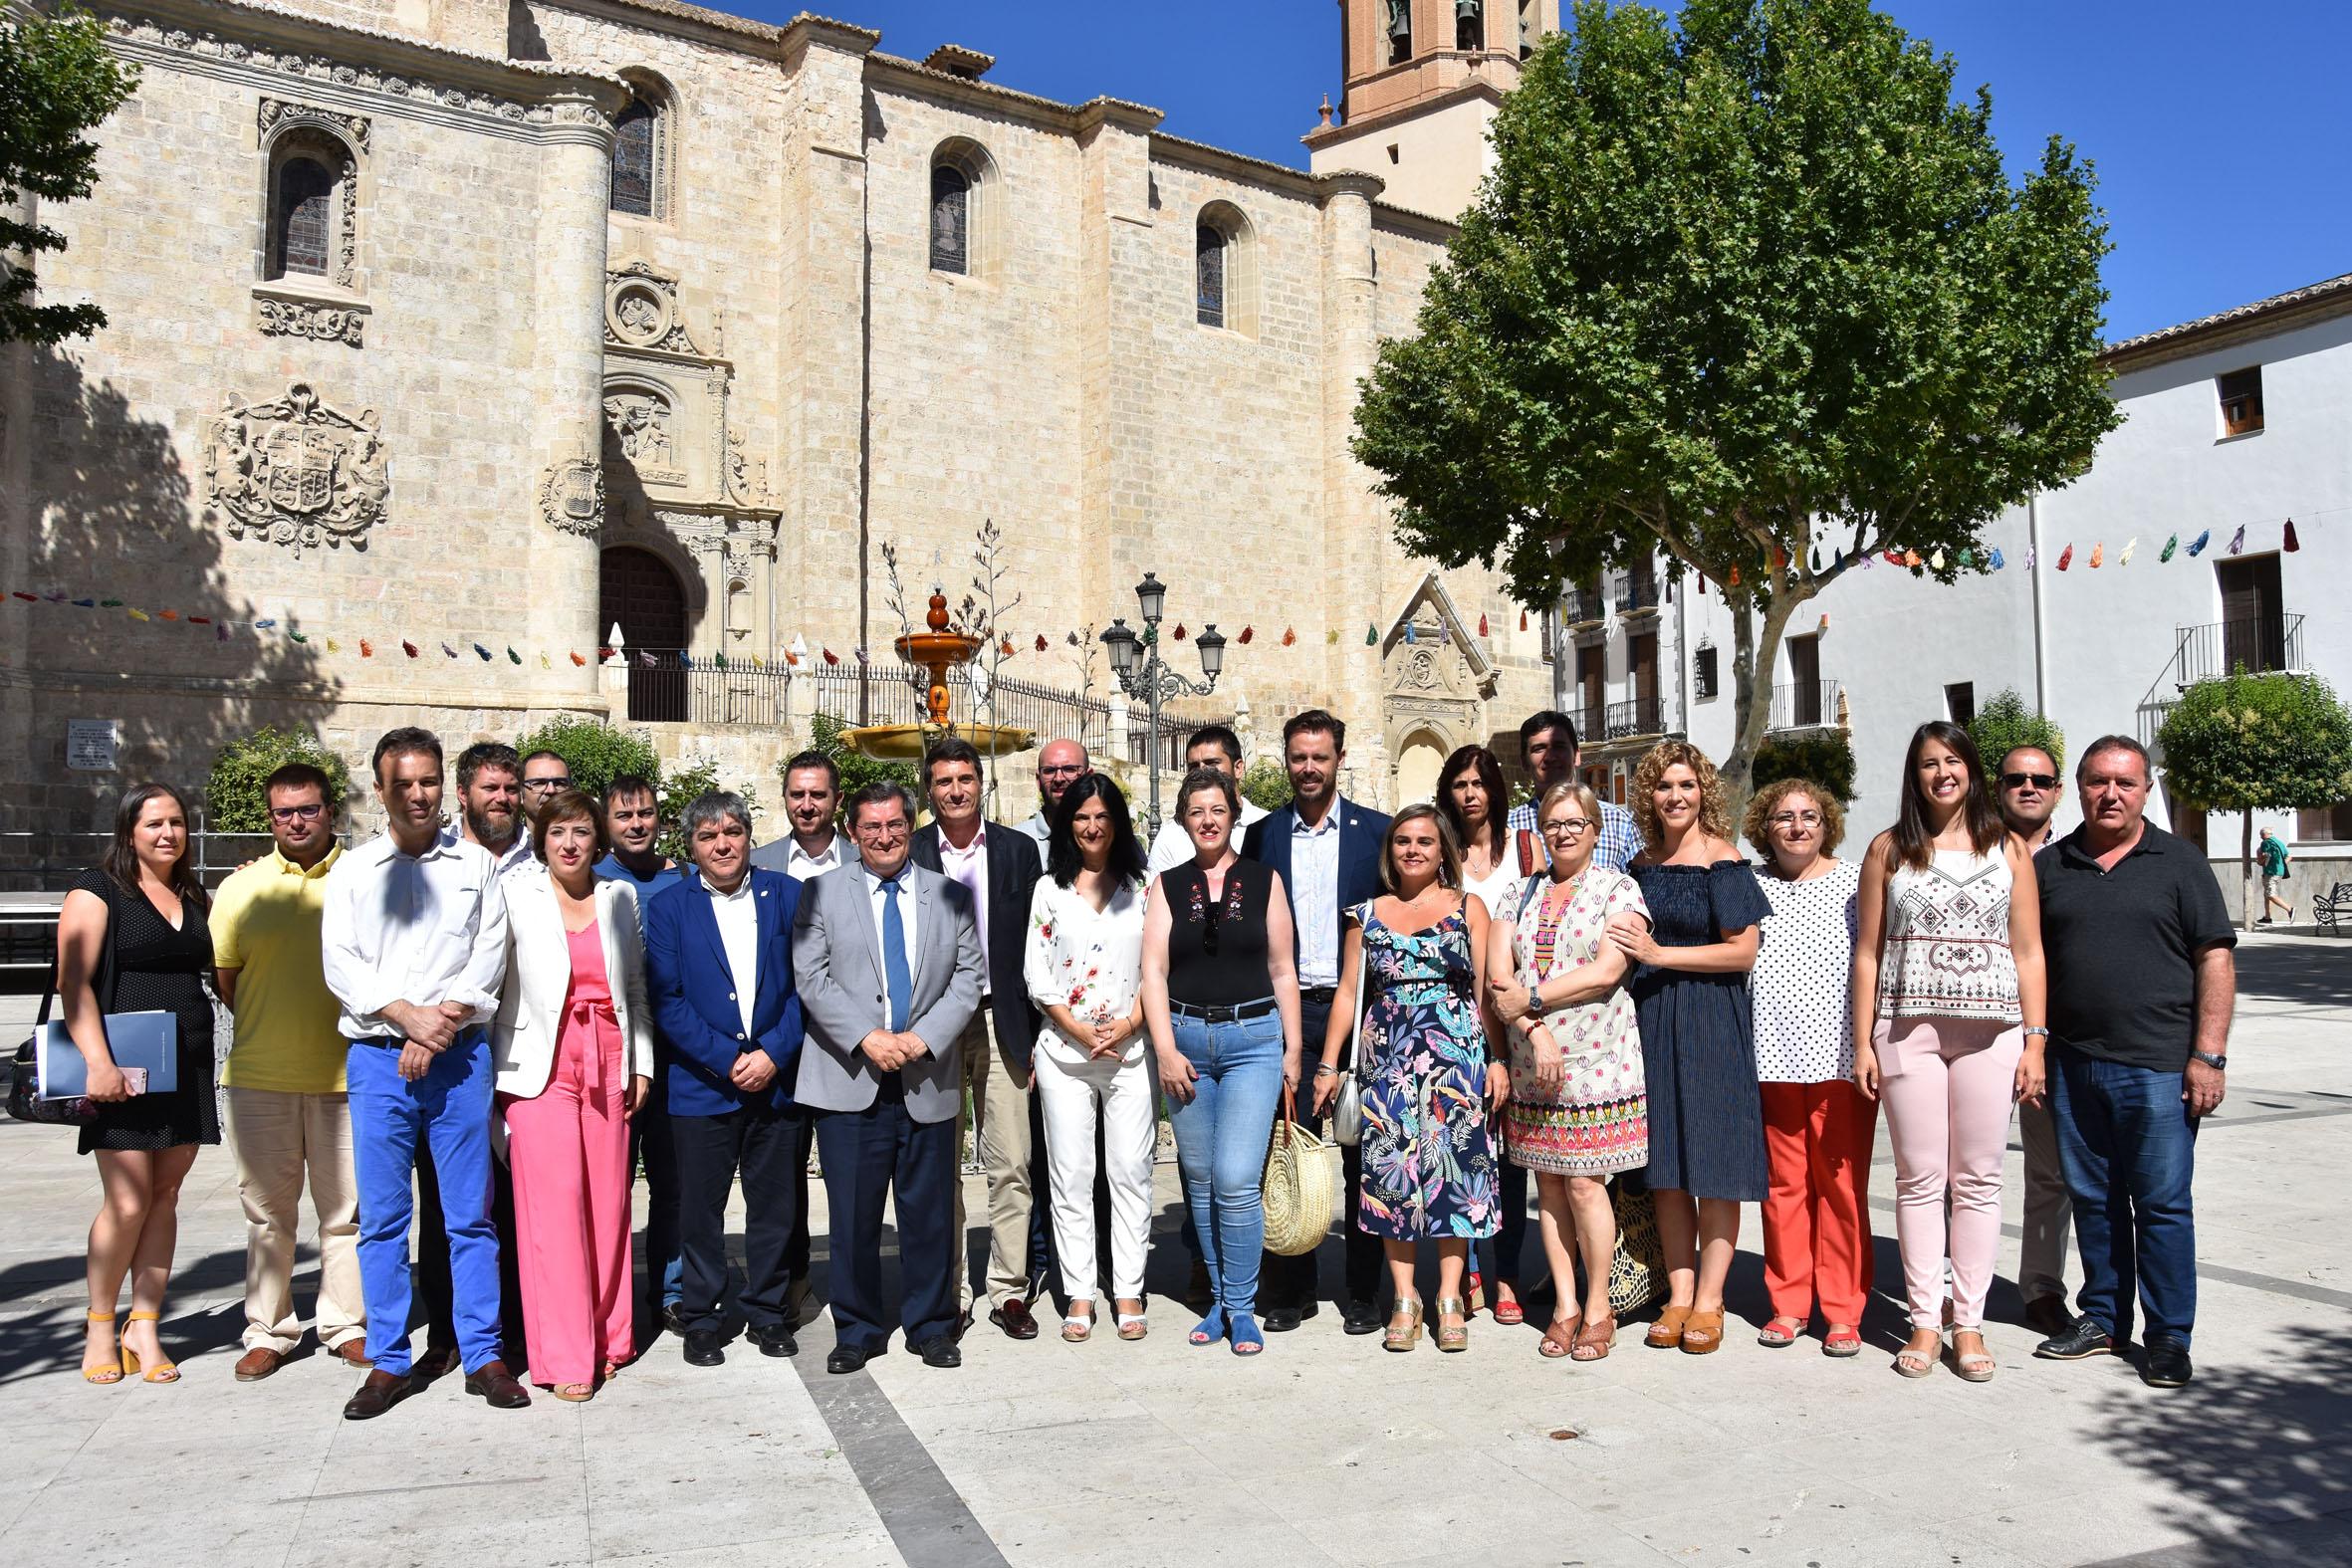 Representantes de la Junta, Estado, Diputación y ayuntamientos